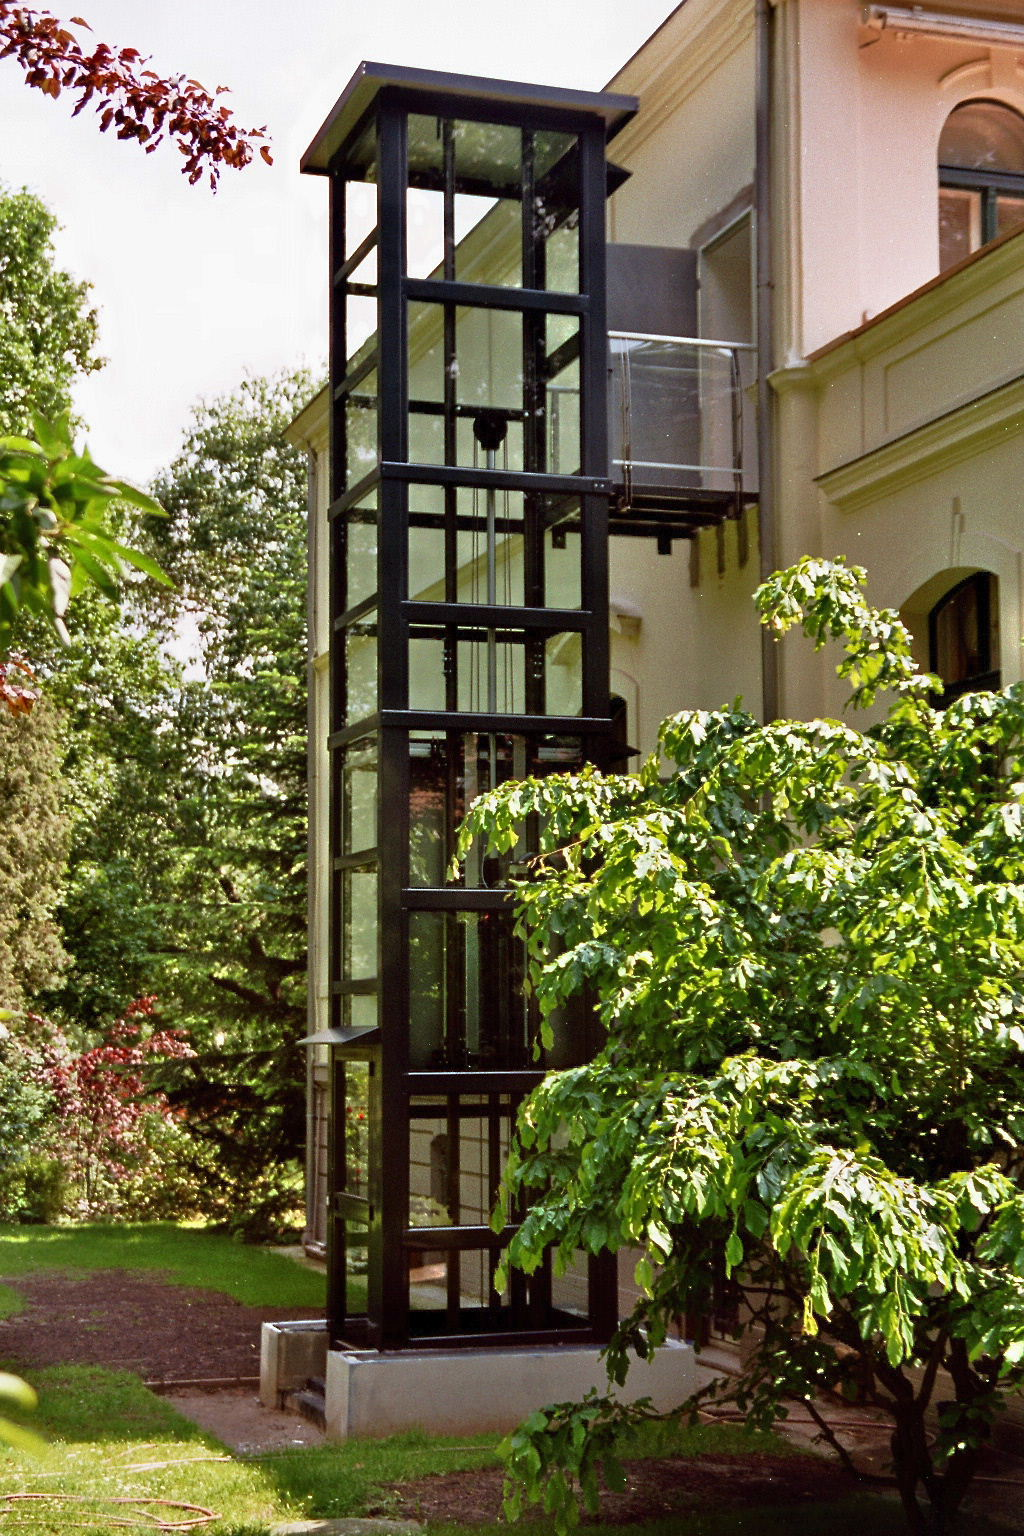 Glasaufzug neben einem Albau im Garten installiert